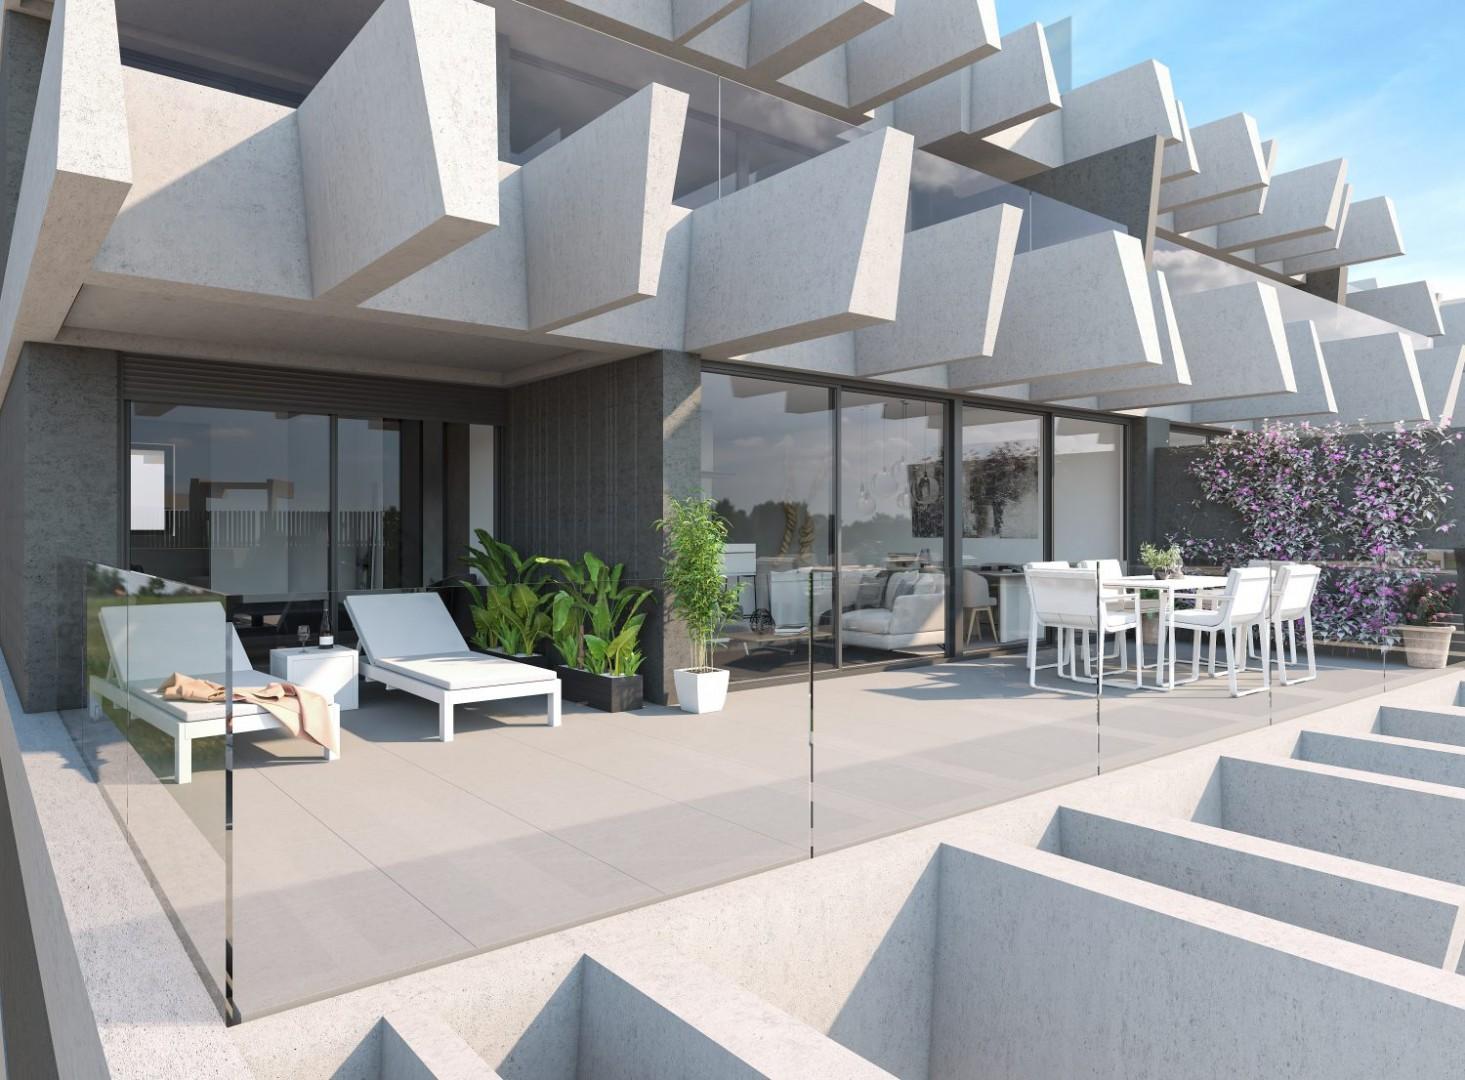 Indrukwekkend nieuwbouwcomplex met fantastisch uitzicht naar de kust bij Estepona.PL68